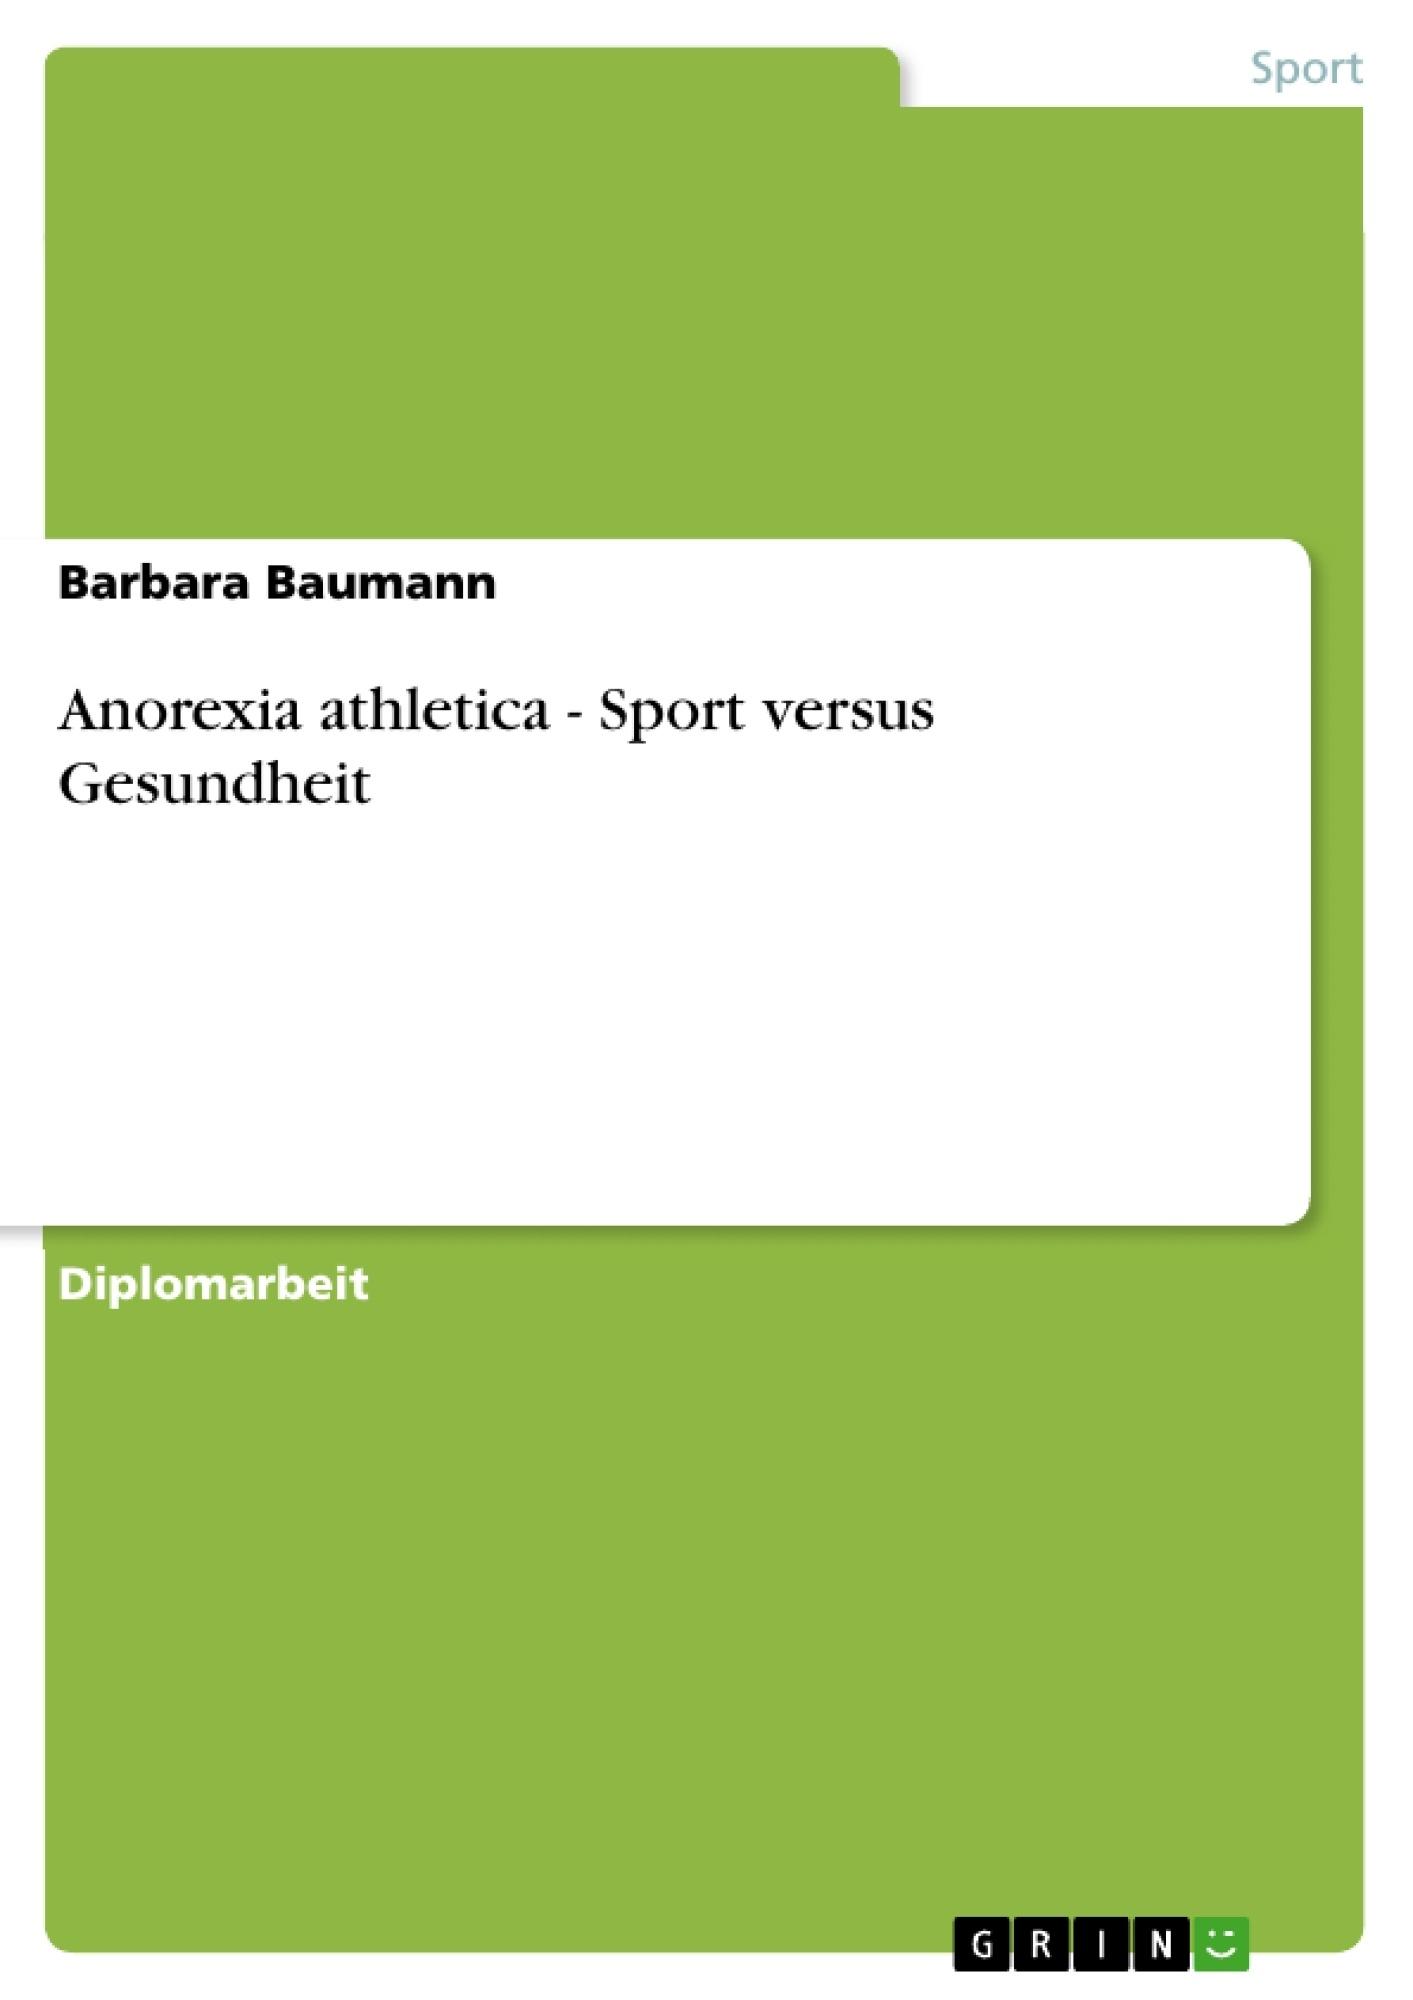 Titel: Anorexia athletica - Sport versus Gesundheit